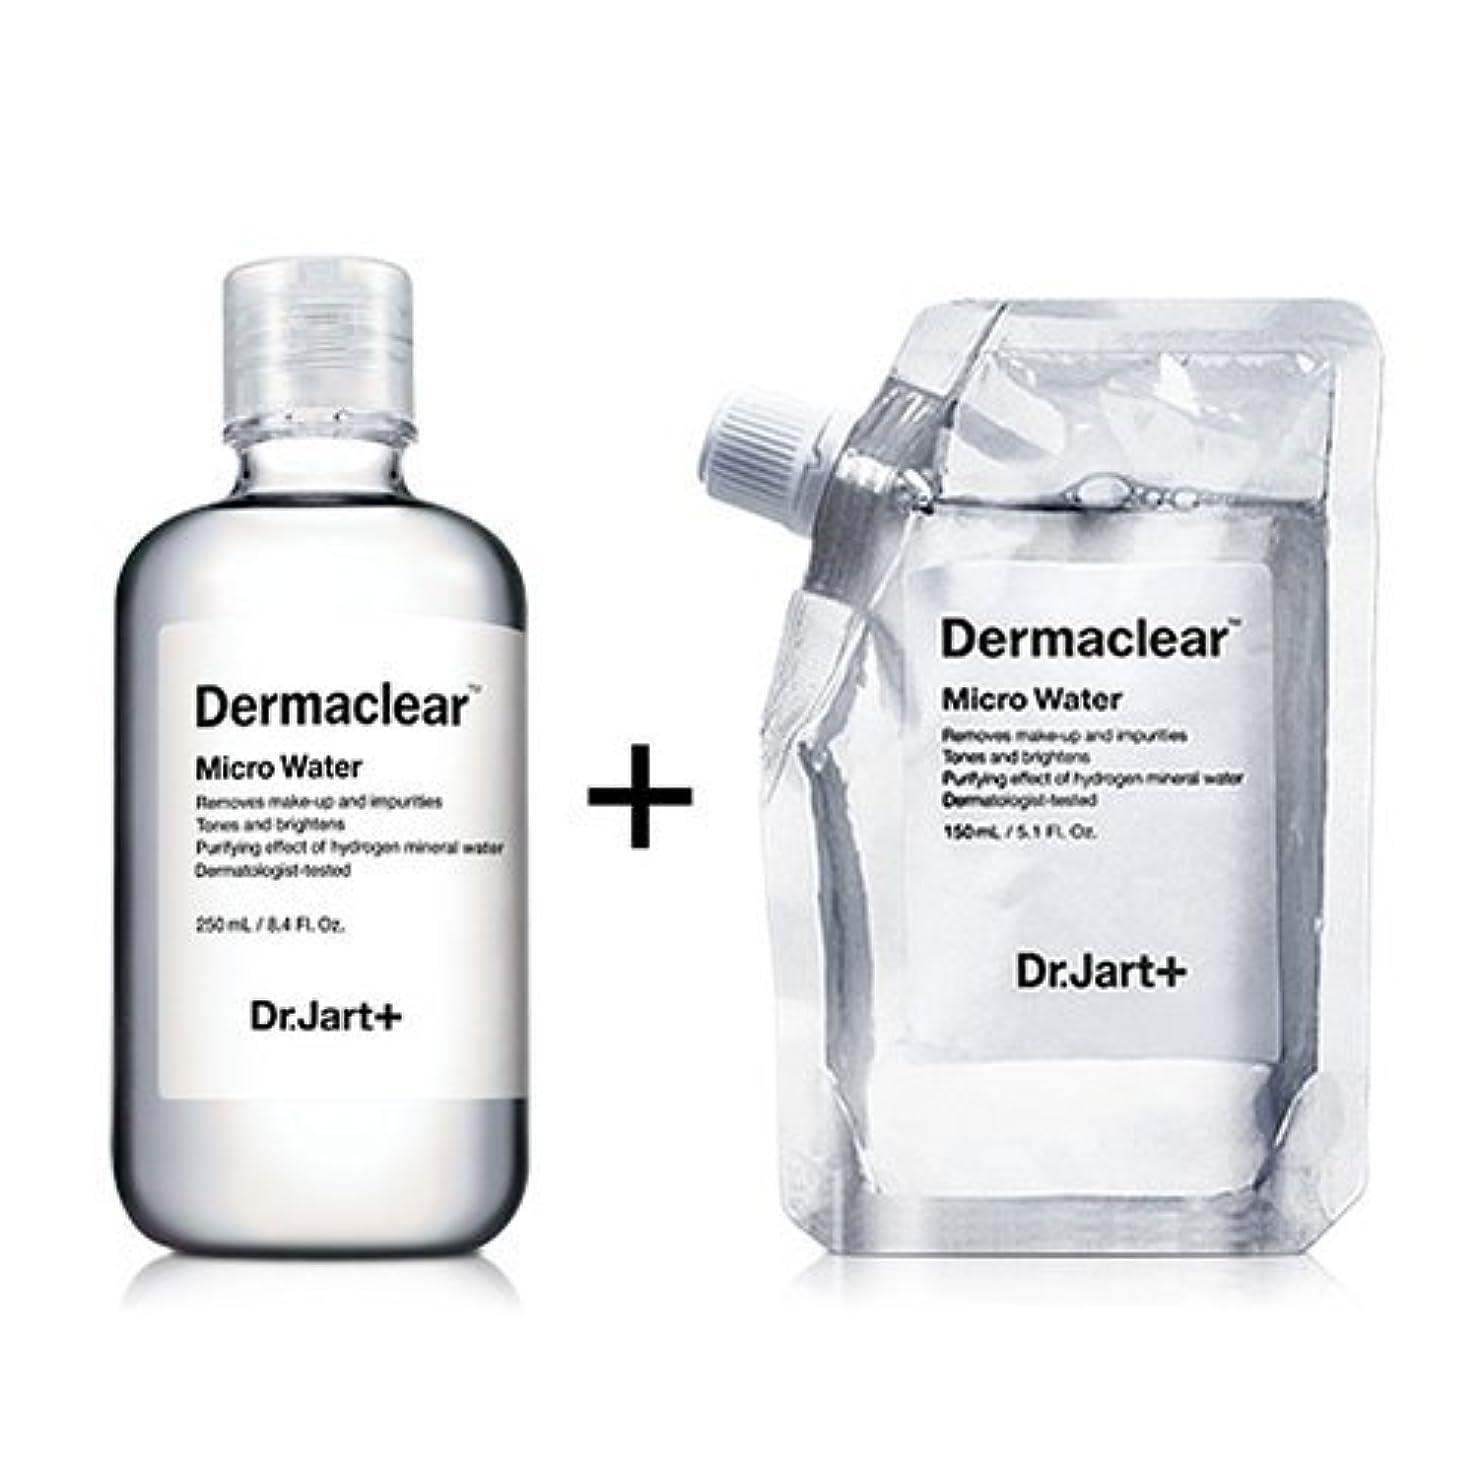 オープナー排泄物従順なドクタージャルト[韓国コスメ Dr.Jart+]ダーマクリア マイクロ ウォーター250ml+150ml(リフィル) [Dr.Jart+]Dermaclear Micro Water (250ml+150ml)